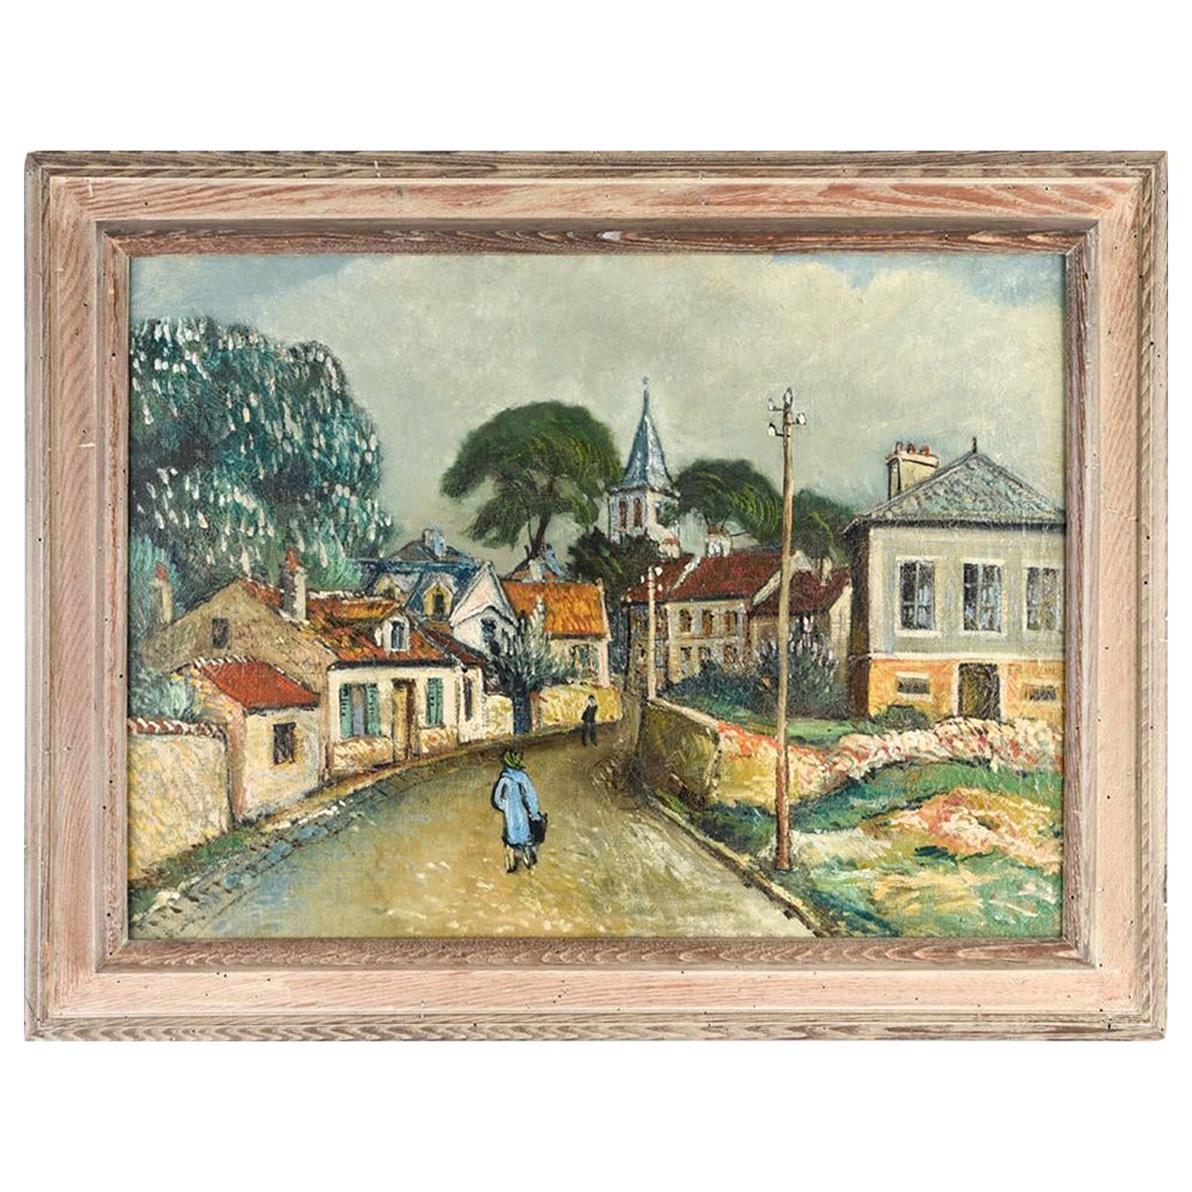 Oil Painting by George Brainerd Burr, American, 1876-1939